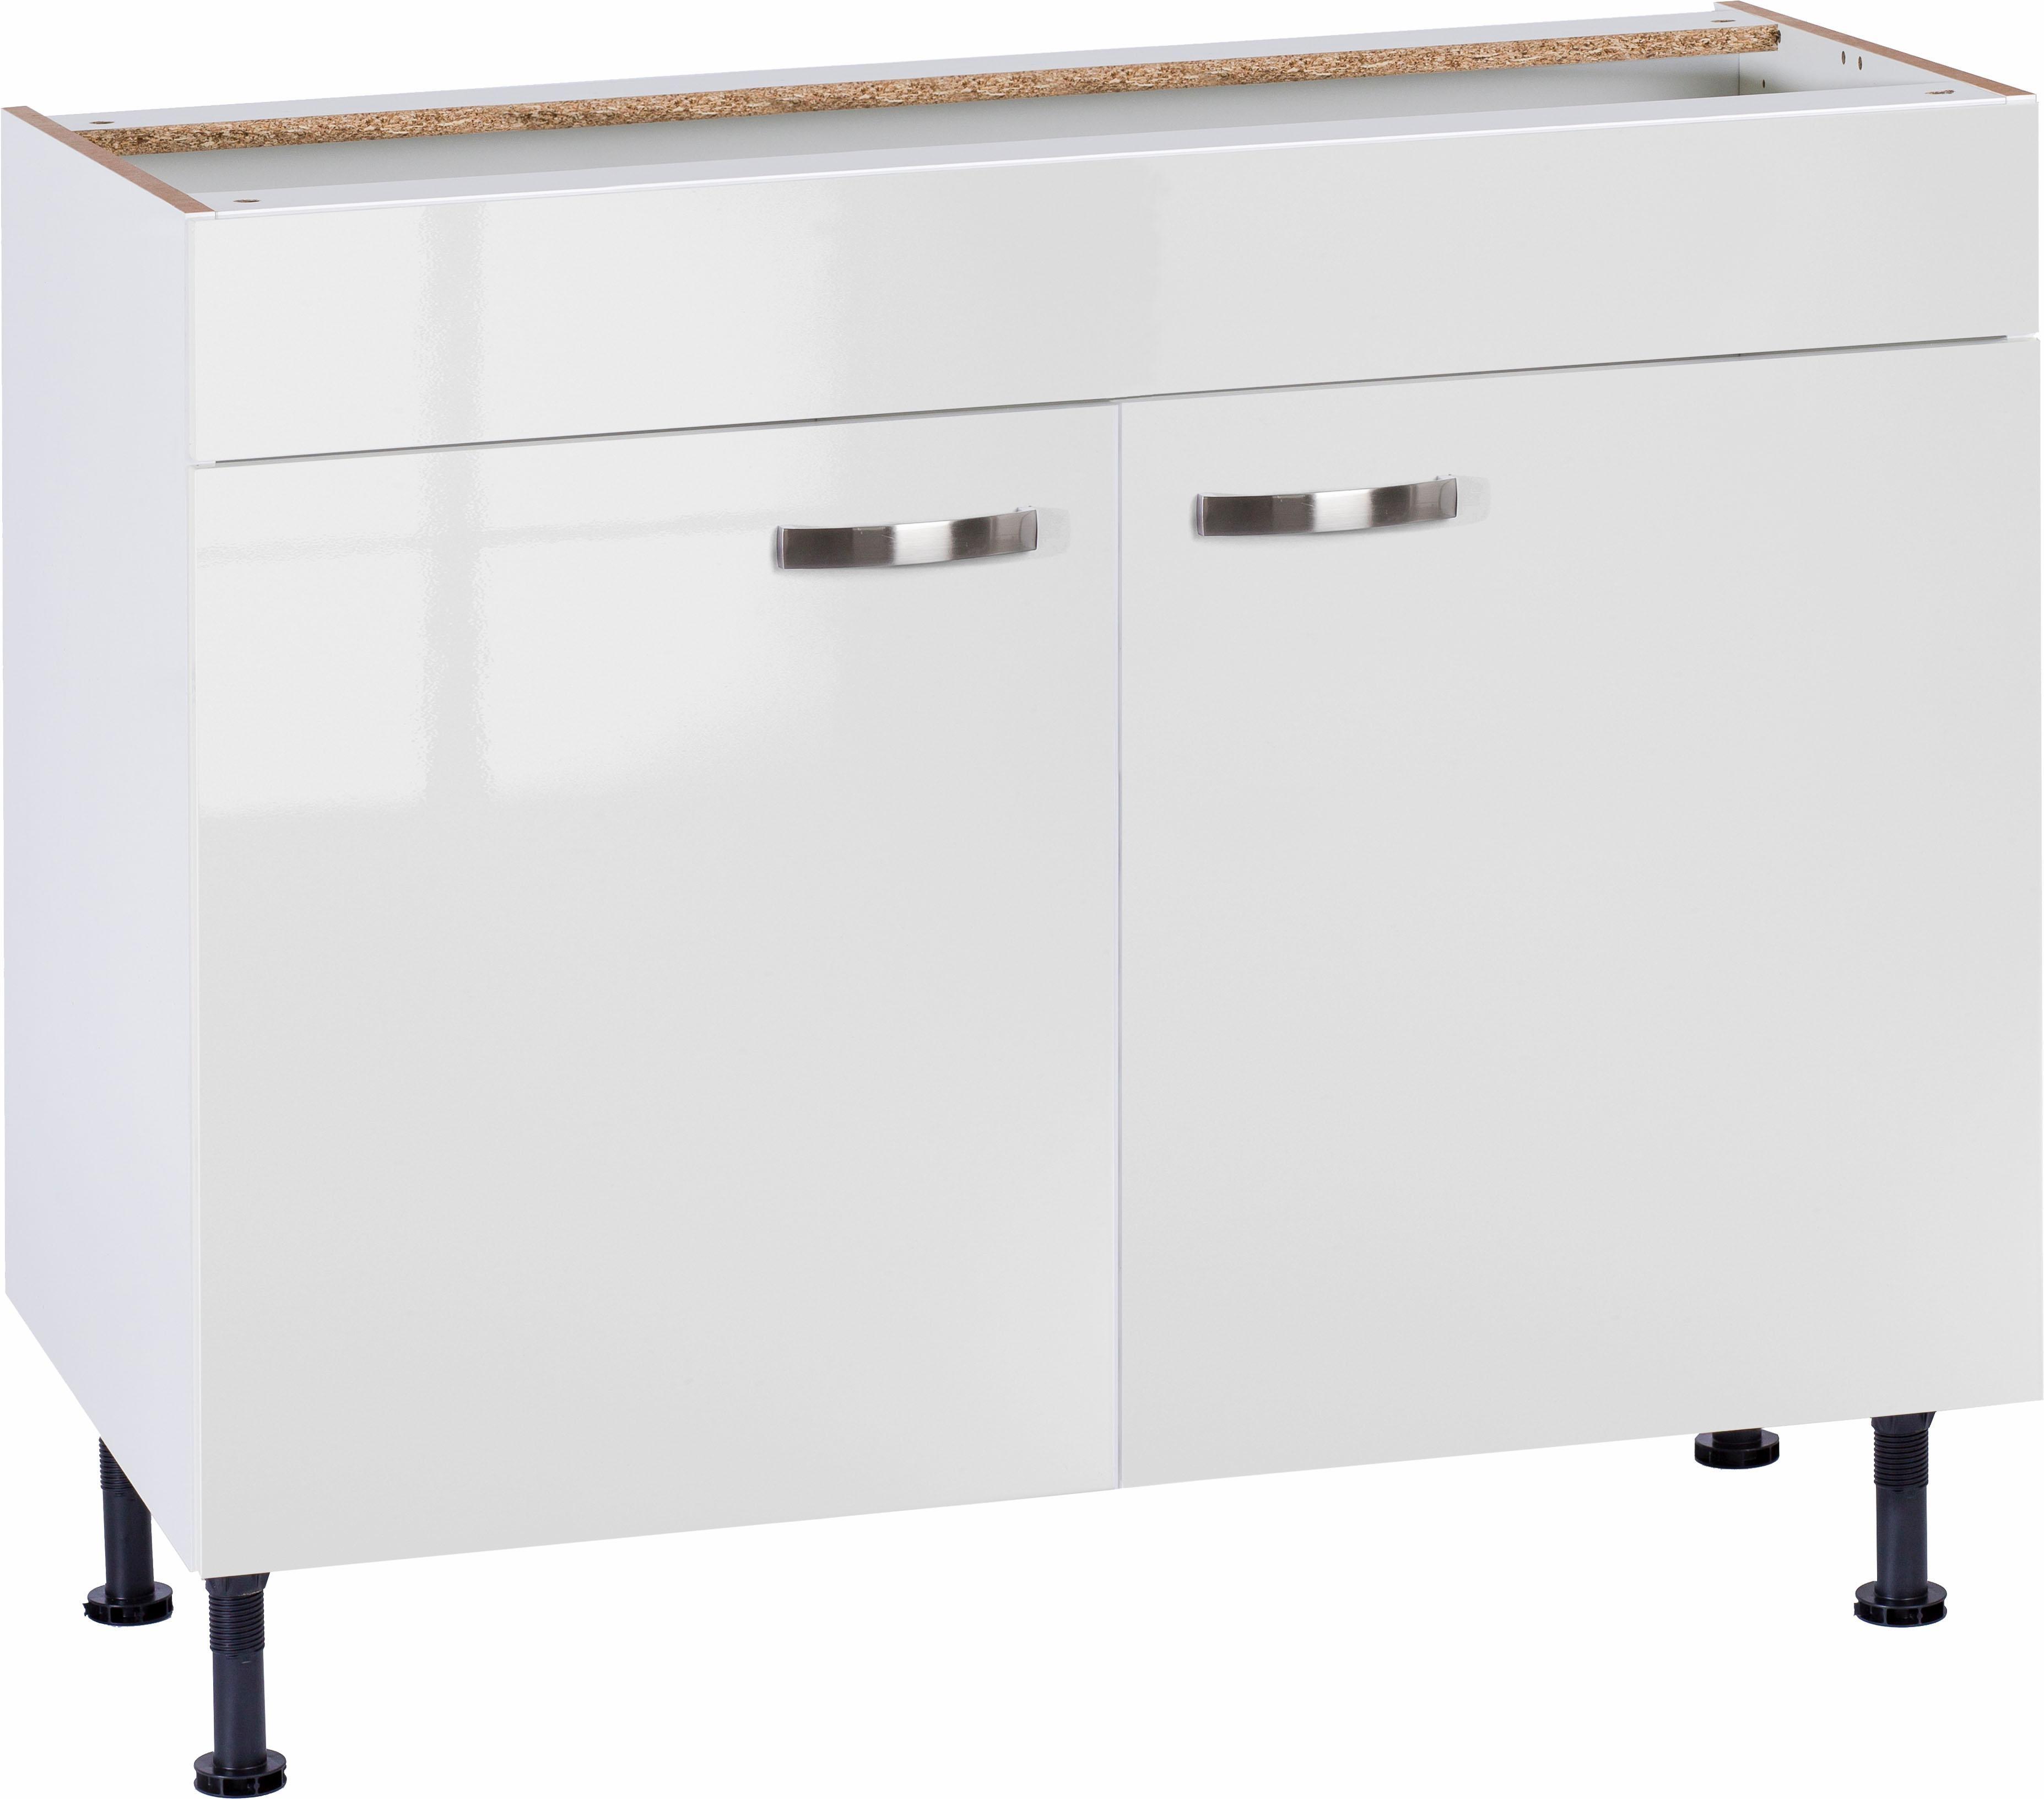 Spülenschrank Cara | Küche und Esszimmer > Küchenschränke > Spülenschränke | Weiß